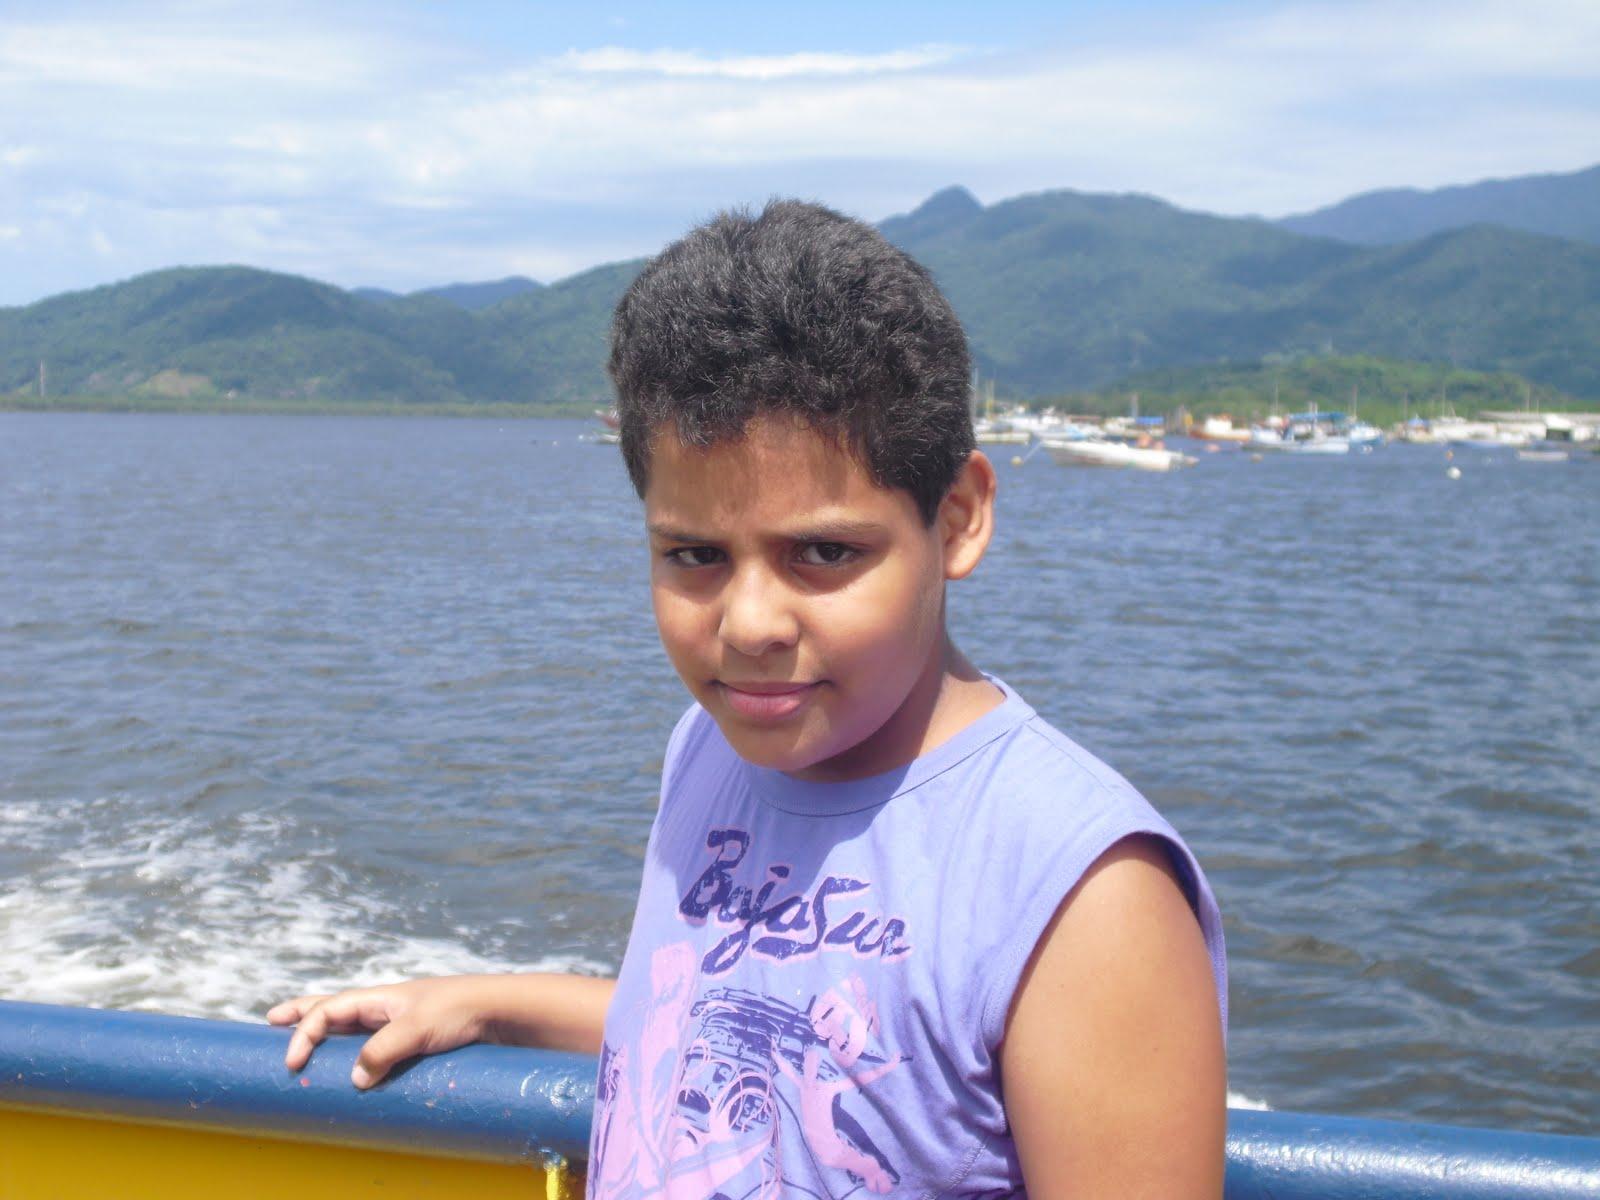 Feliz Aniversario Tia Graca: Blog Da Pastora Railda Marinho De Brito: FELIZ ANIVERSÁRIO NATAN